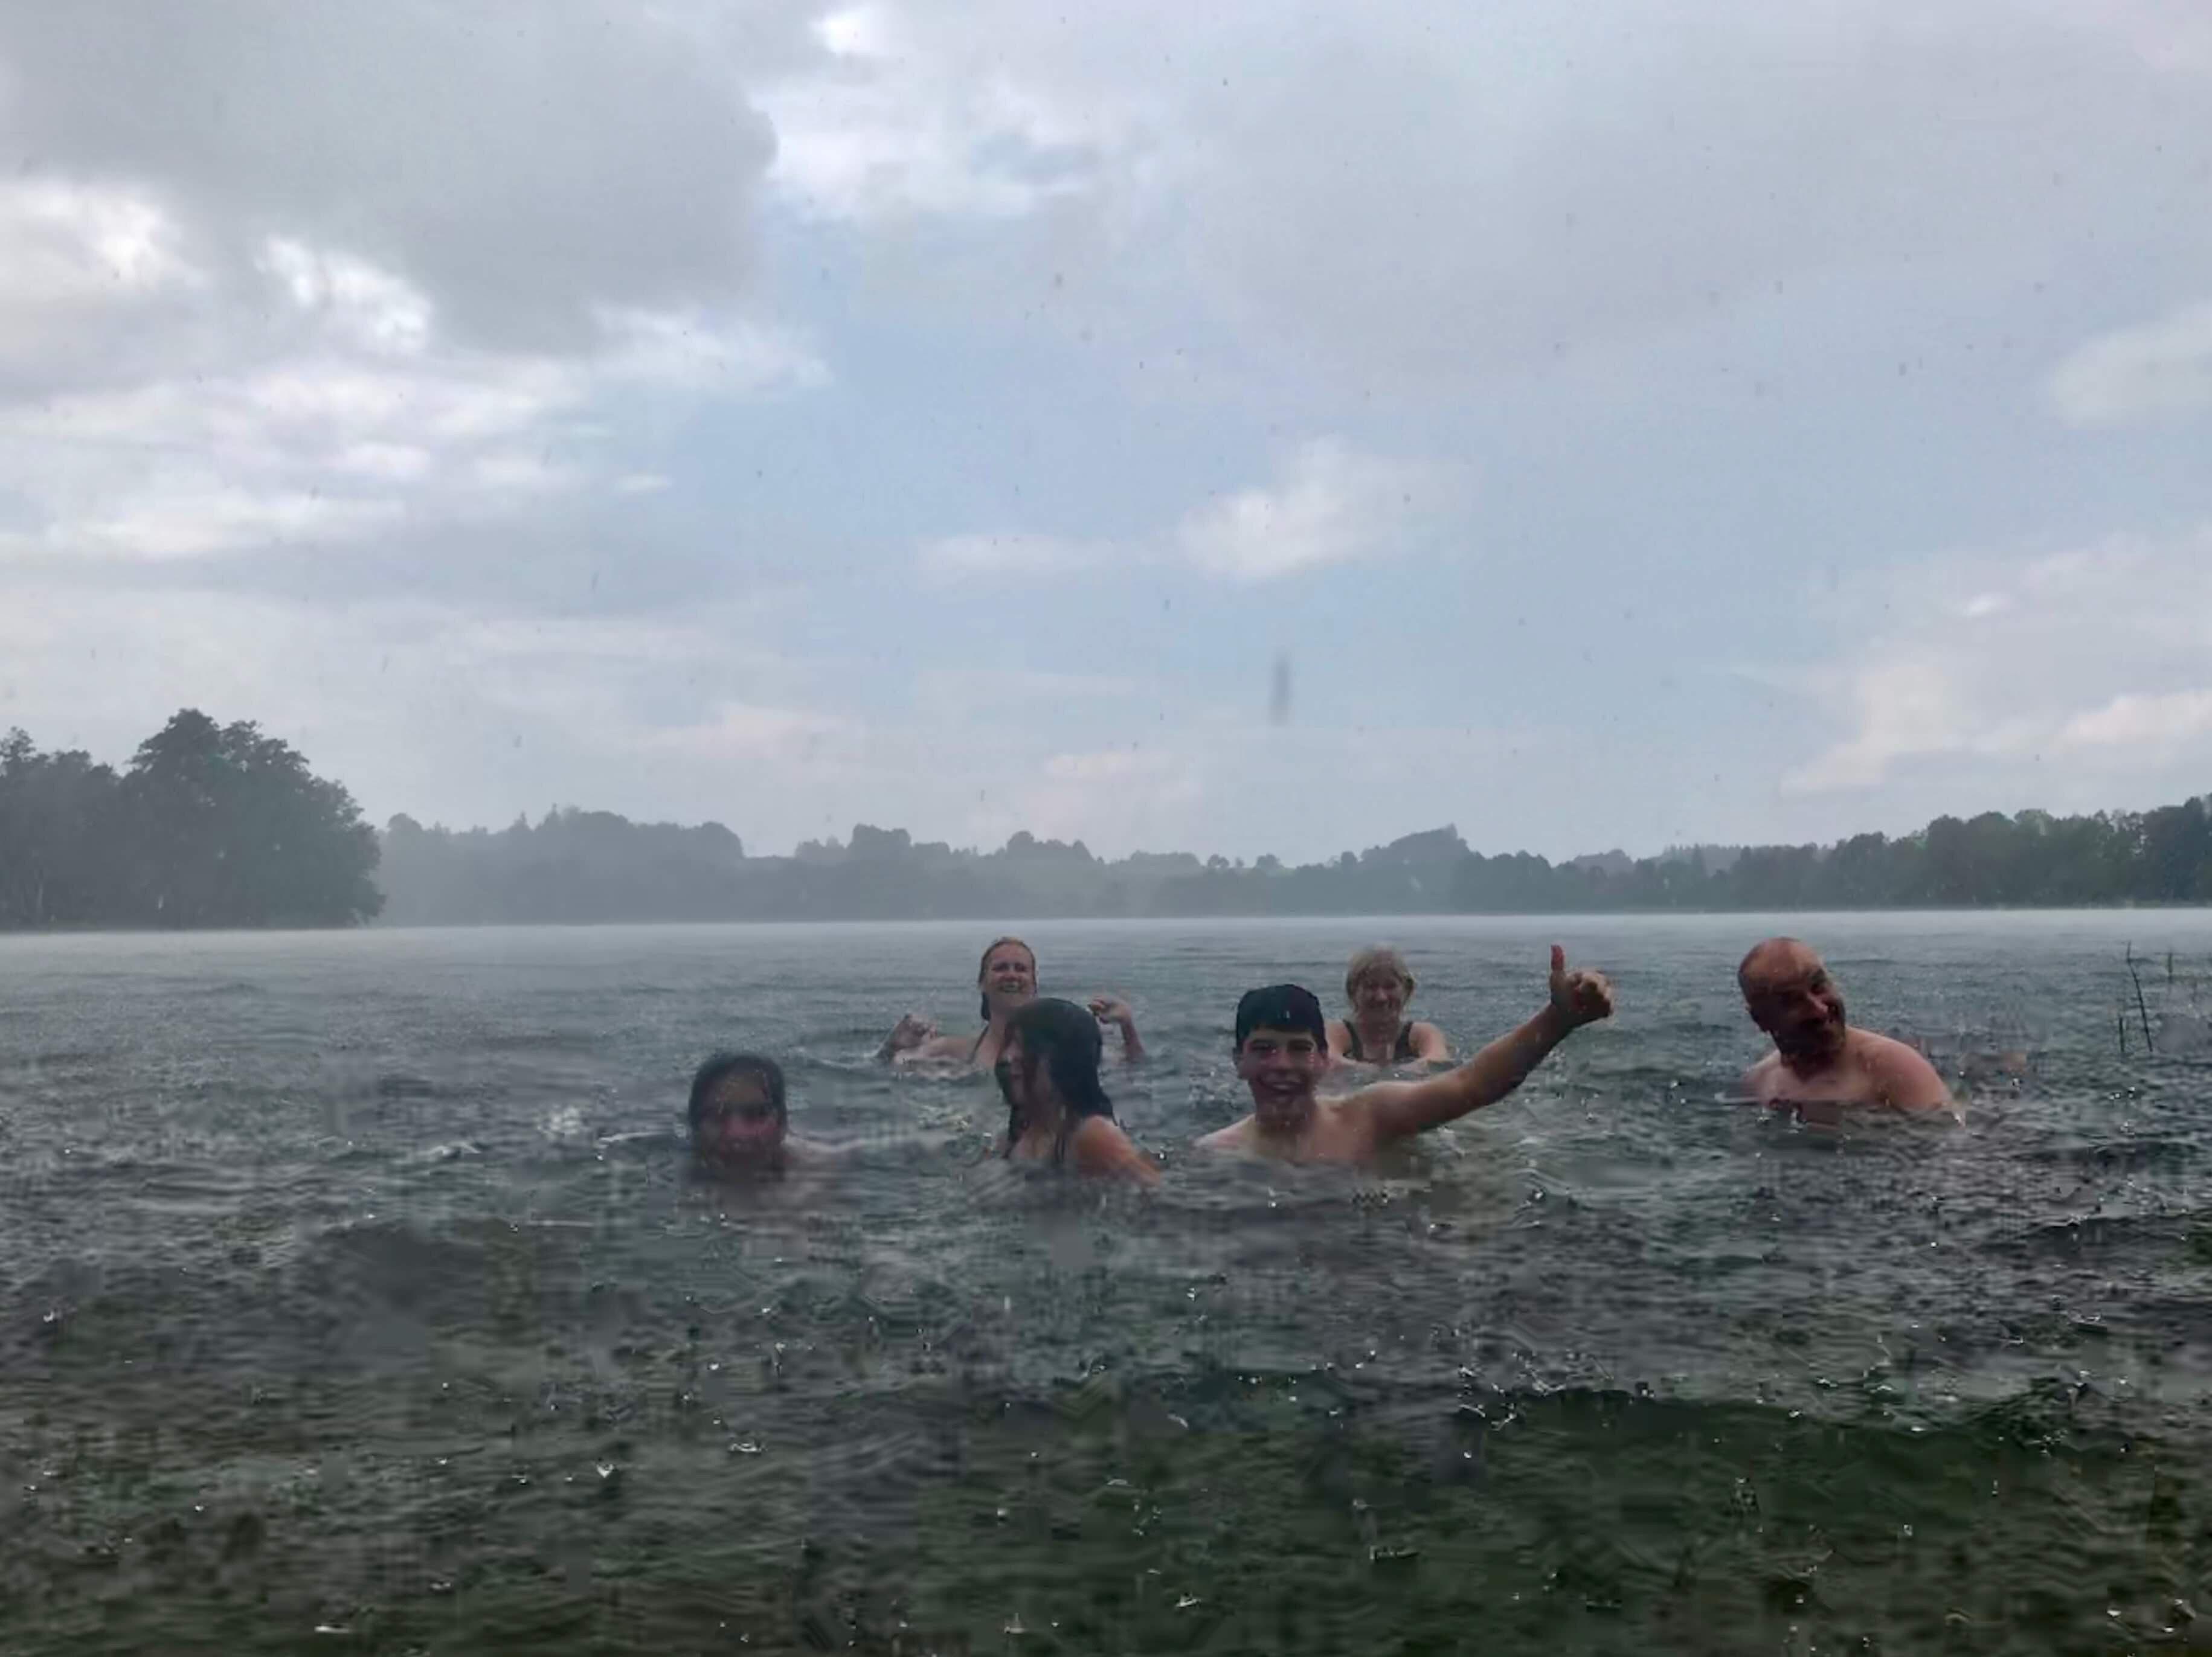 taaaka deszczowa fota :)